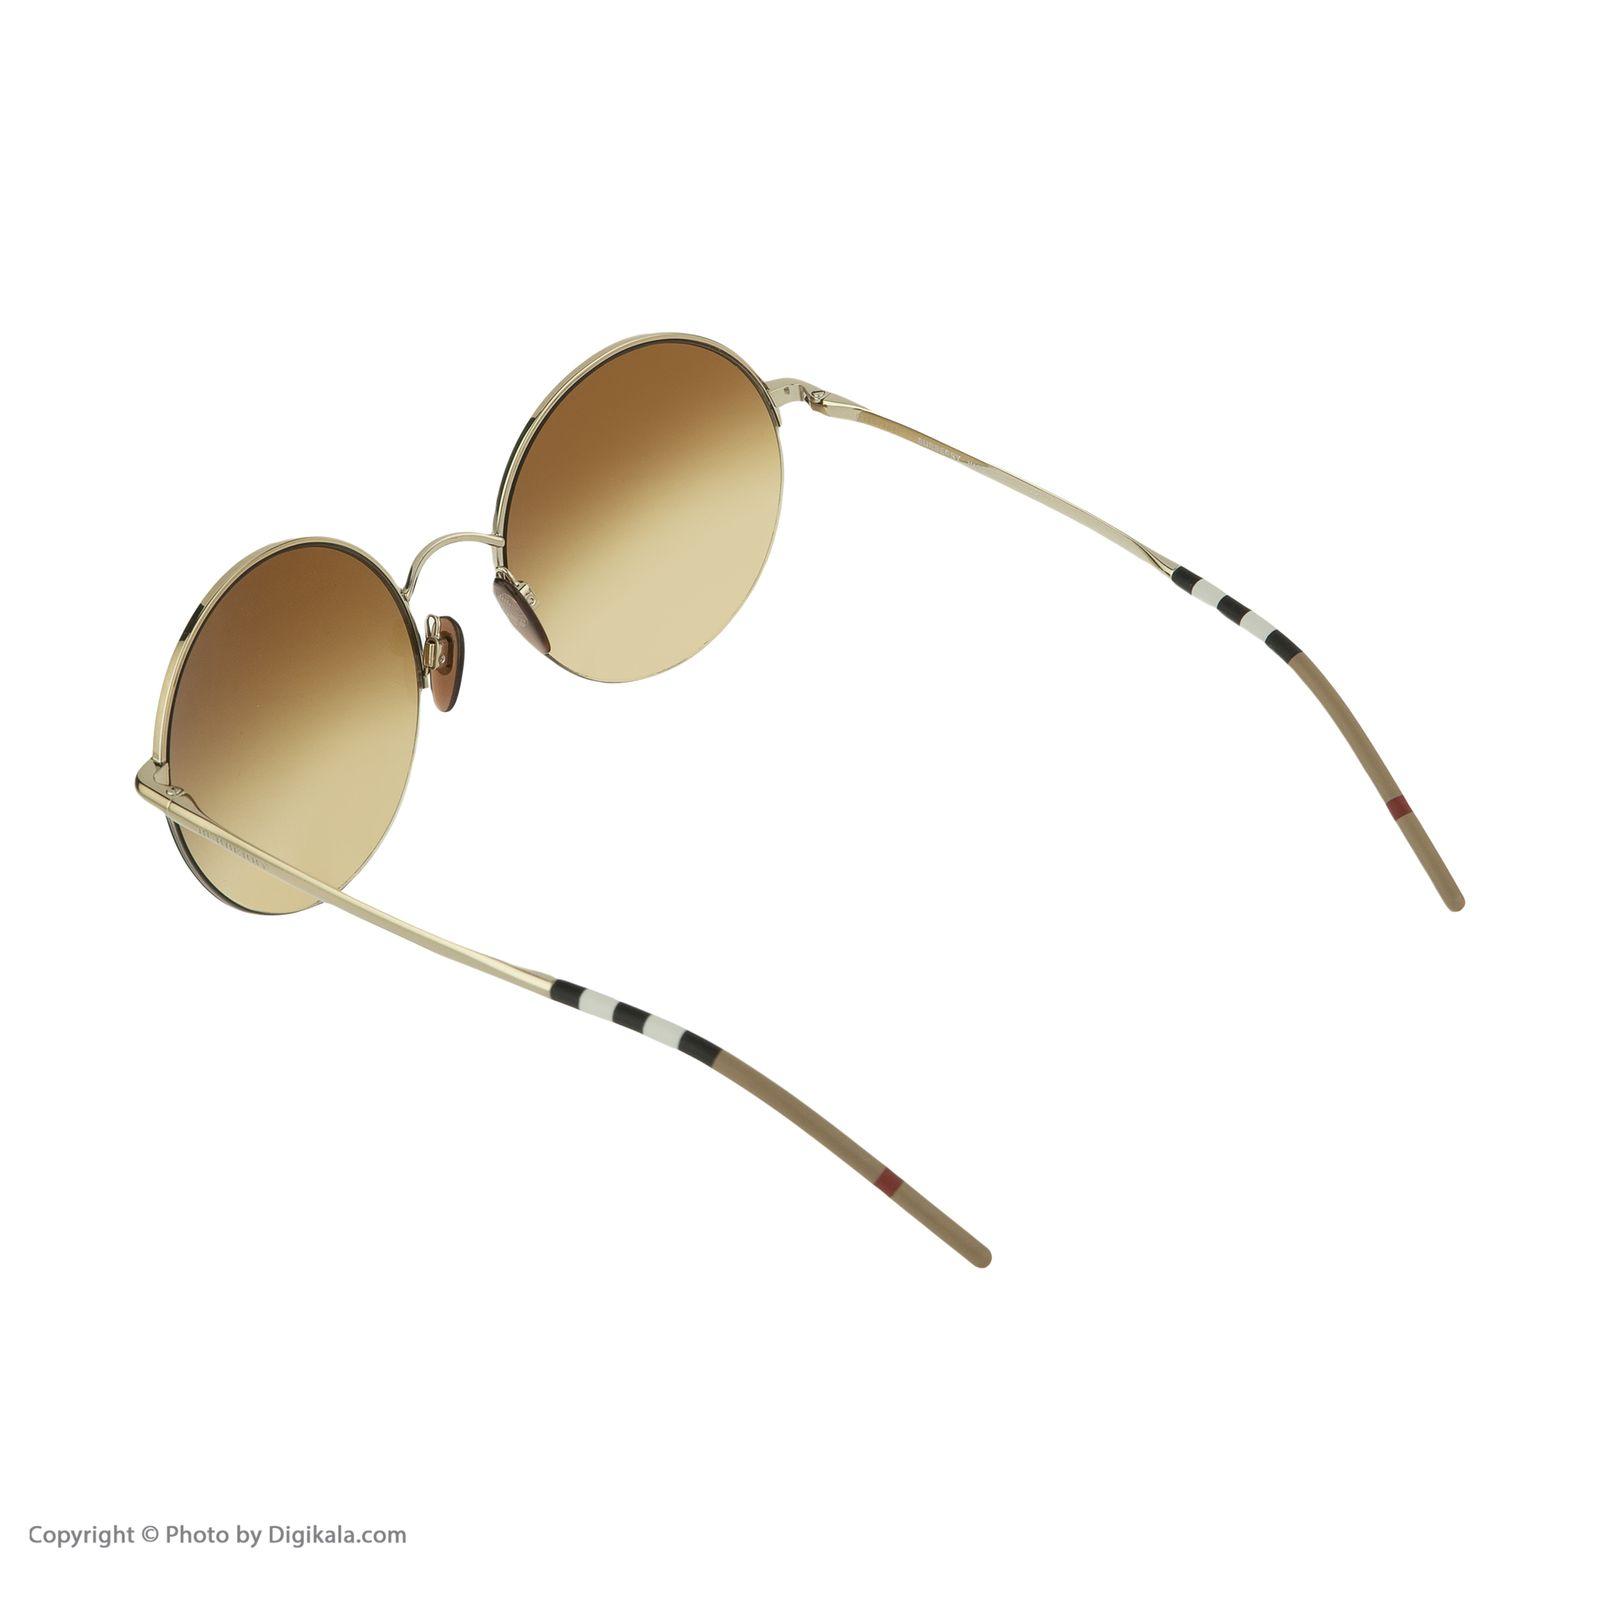 عینک آفتابی زنانه بربری مدل BE 3101S 11452L 54 -  - 5